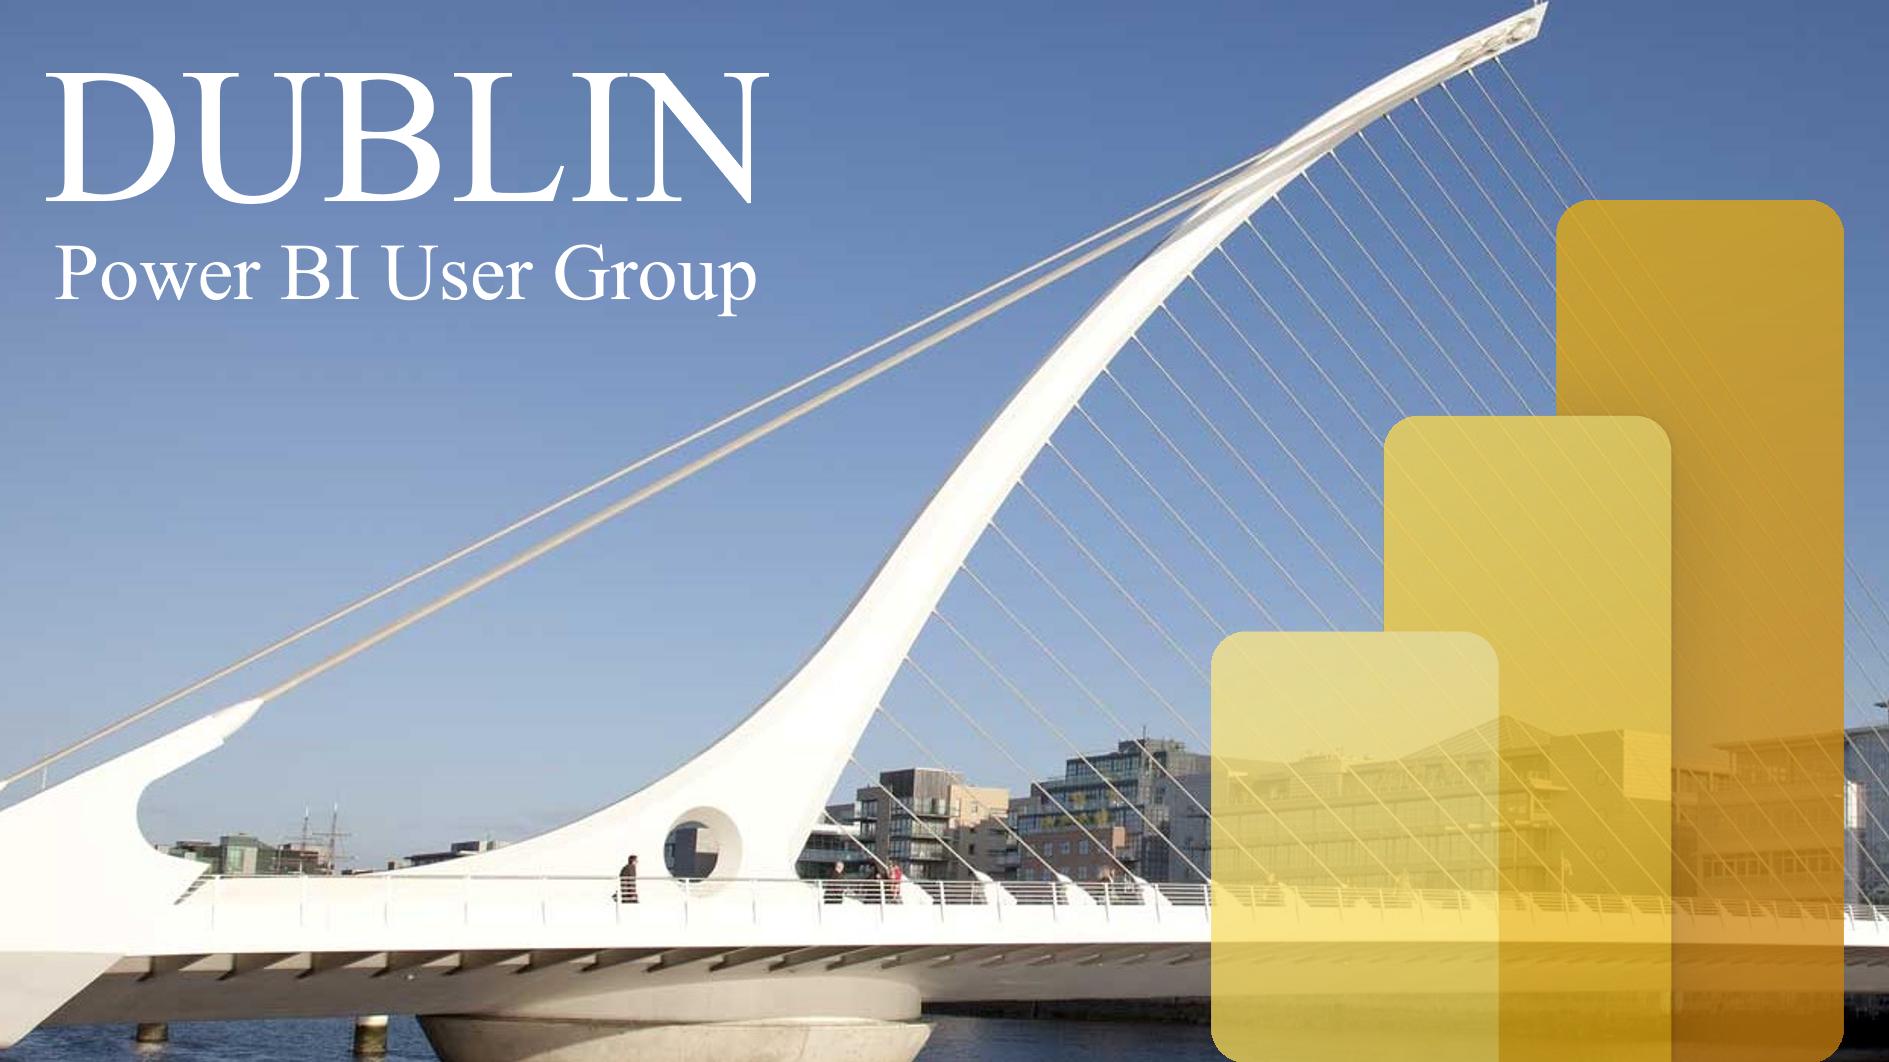 Dublin Power BI User Group